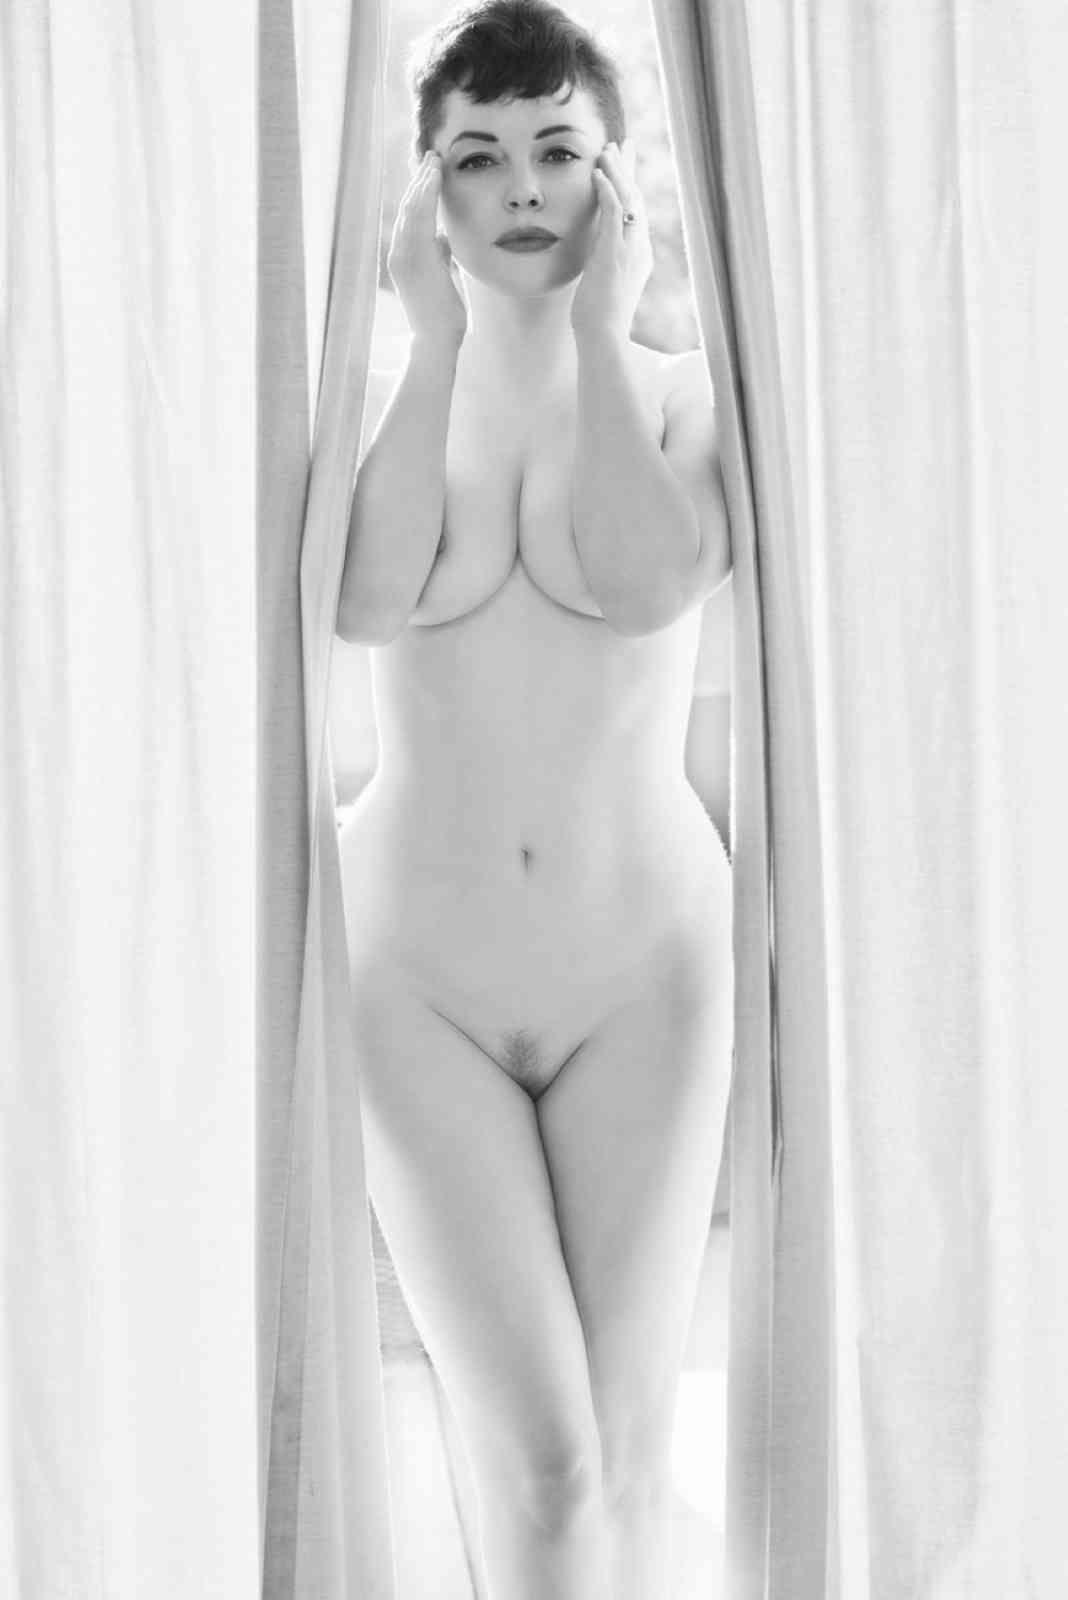 Ebony rose mcgowan naked